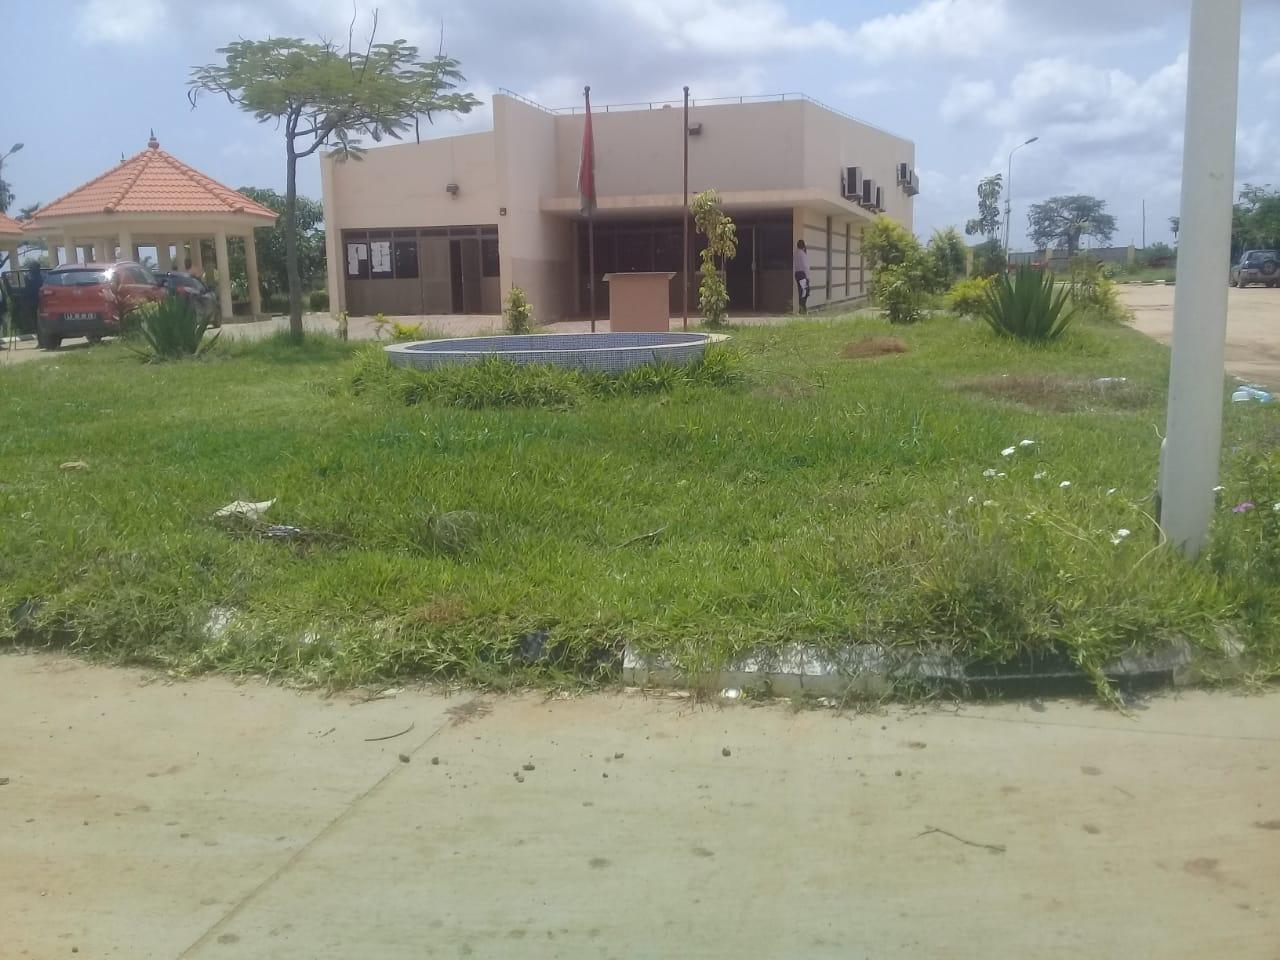 centro cultural de cacuaco em estado de abandono - WhatsApp Image 2019 04 04 at 08 - Centro cultural de Cacuaco em estado de abandono